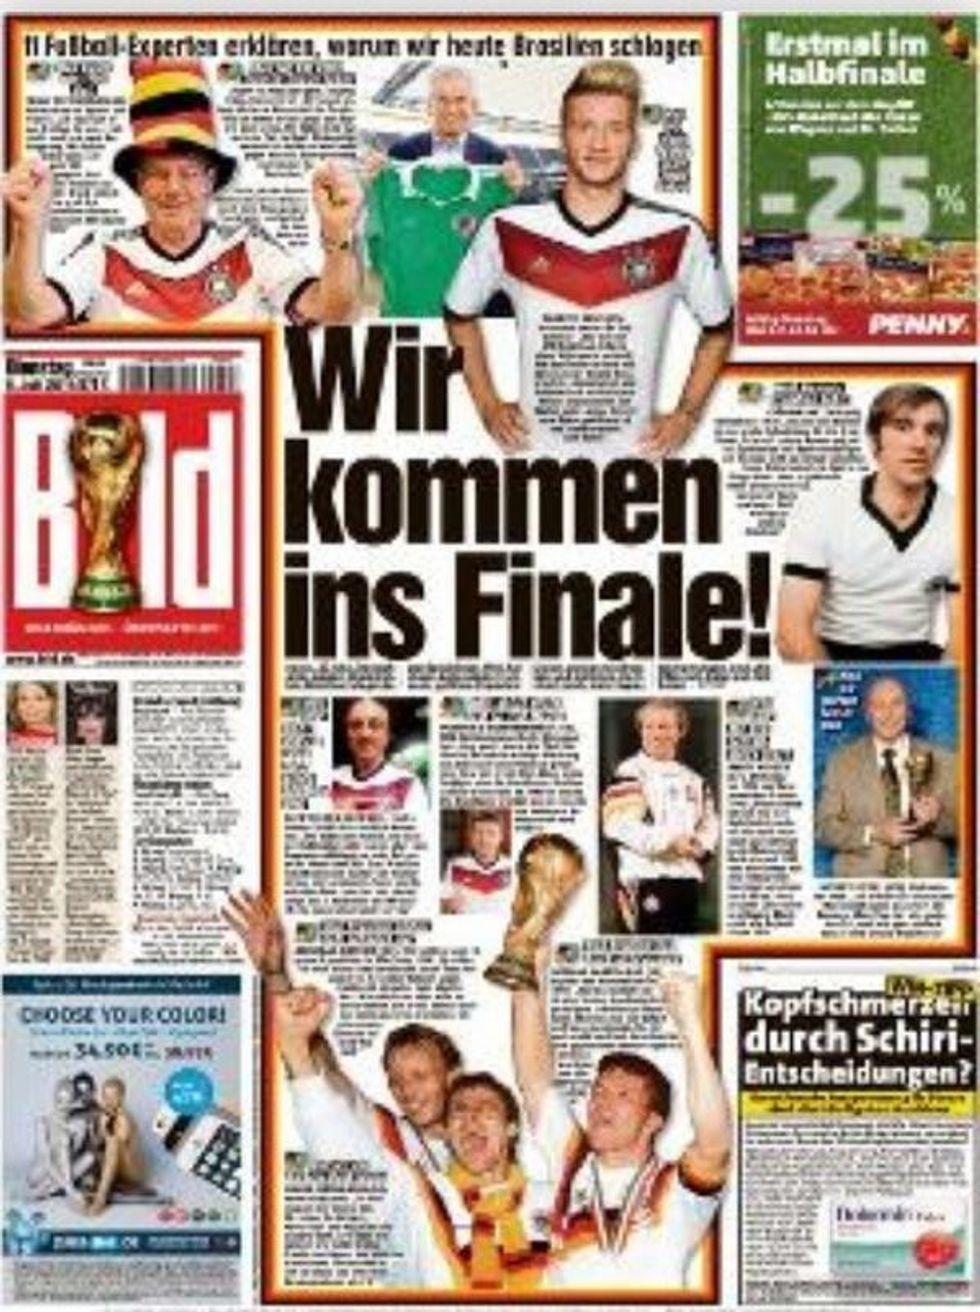 I tedeschi si vedono in finale. E dimenticano la scaramanzia...